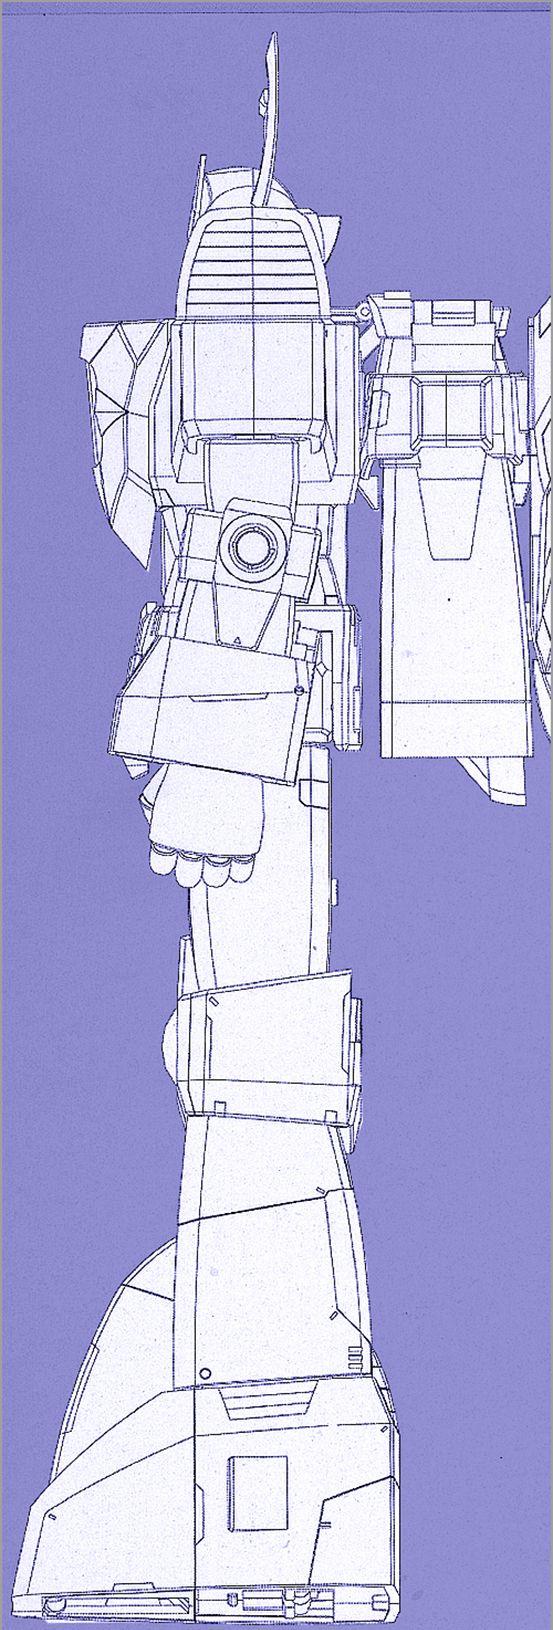 超合金魂GX-61最強機器人大王者|バンダイ 超合金魂 GX-61最強ロボ ダイオージャ|Bandai Soul of Chogokin GX-61 Saikyo Robo Daioja